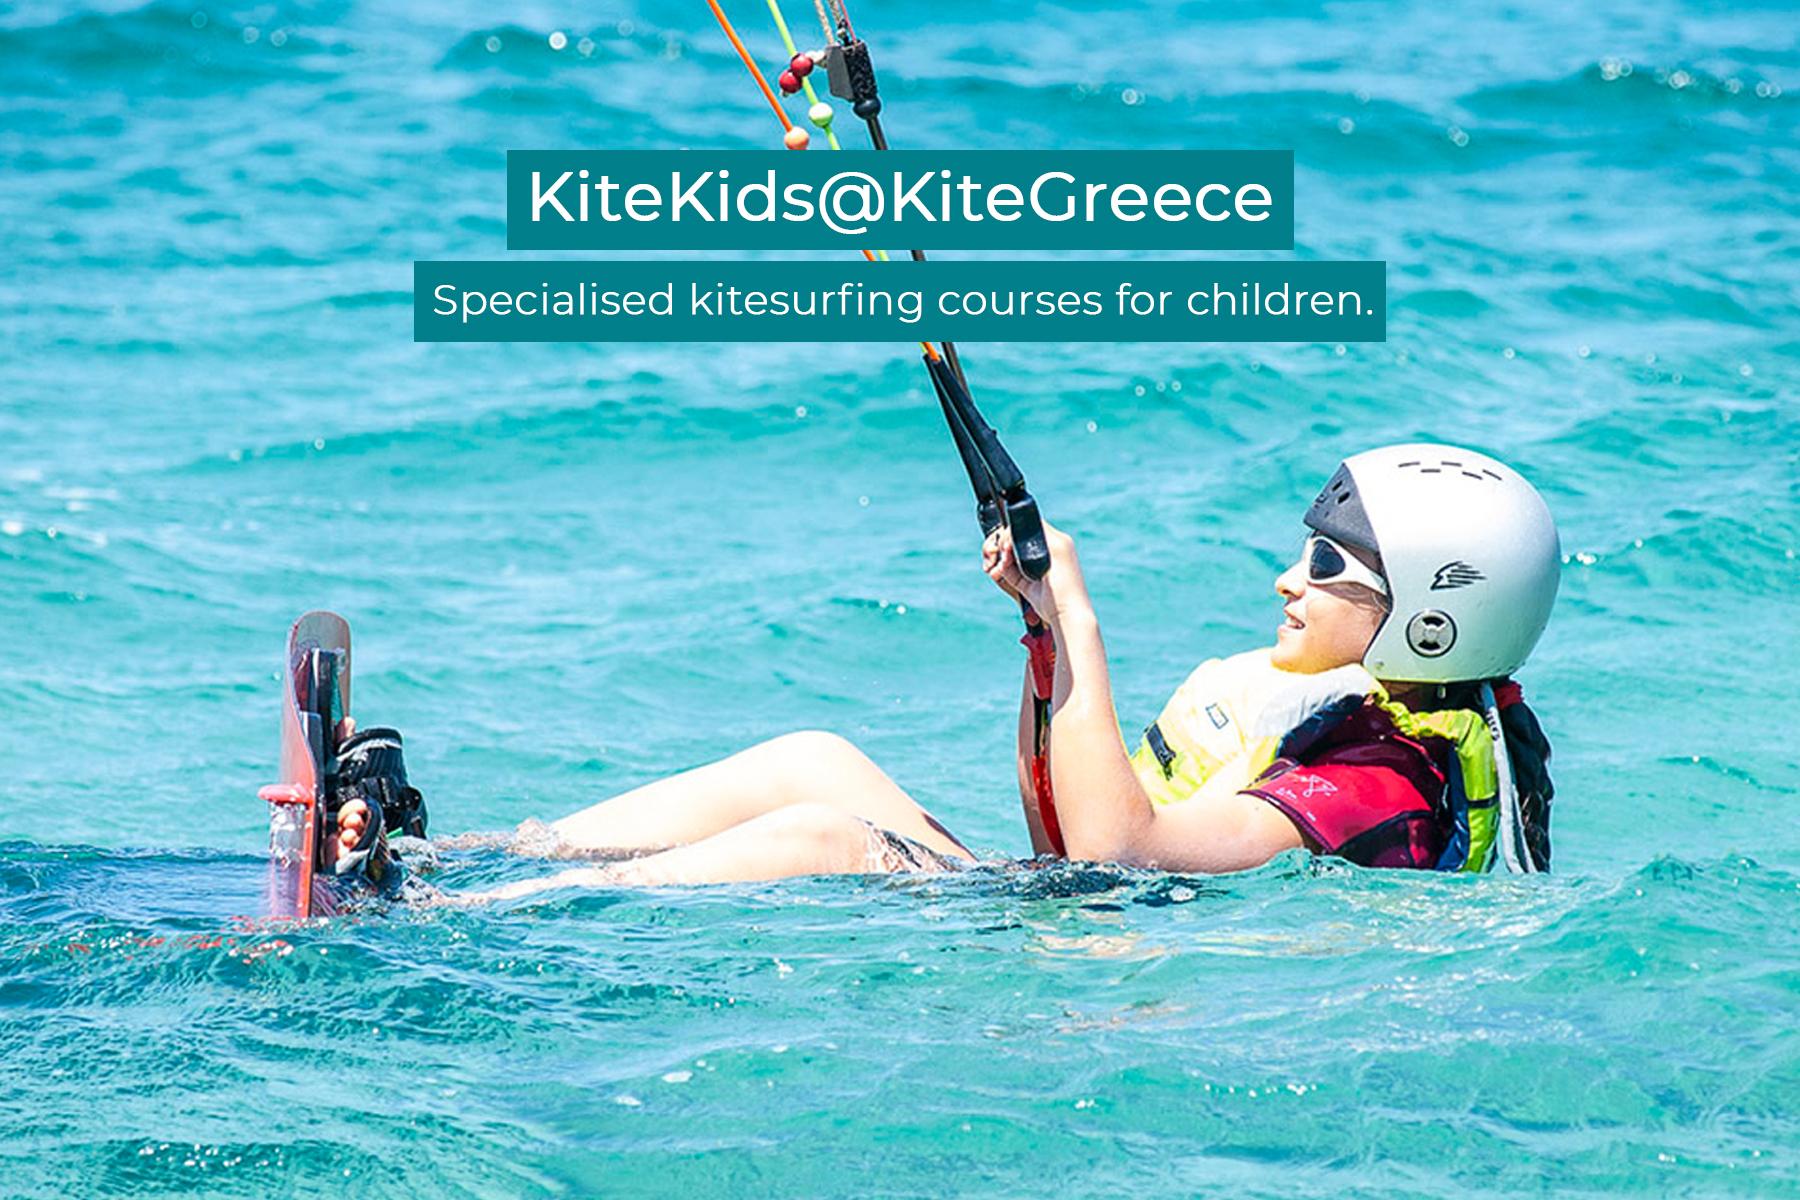 kids kitesurfing lessons